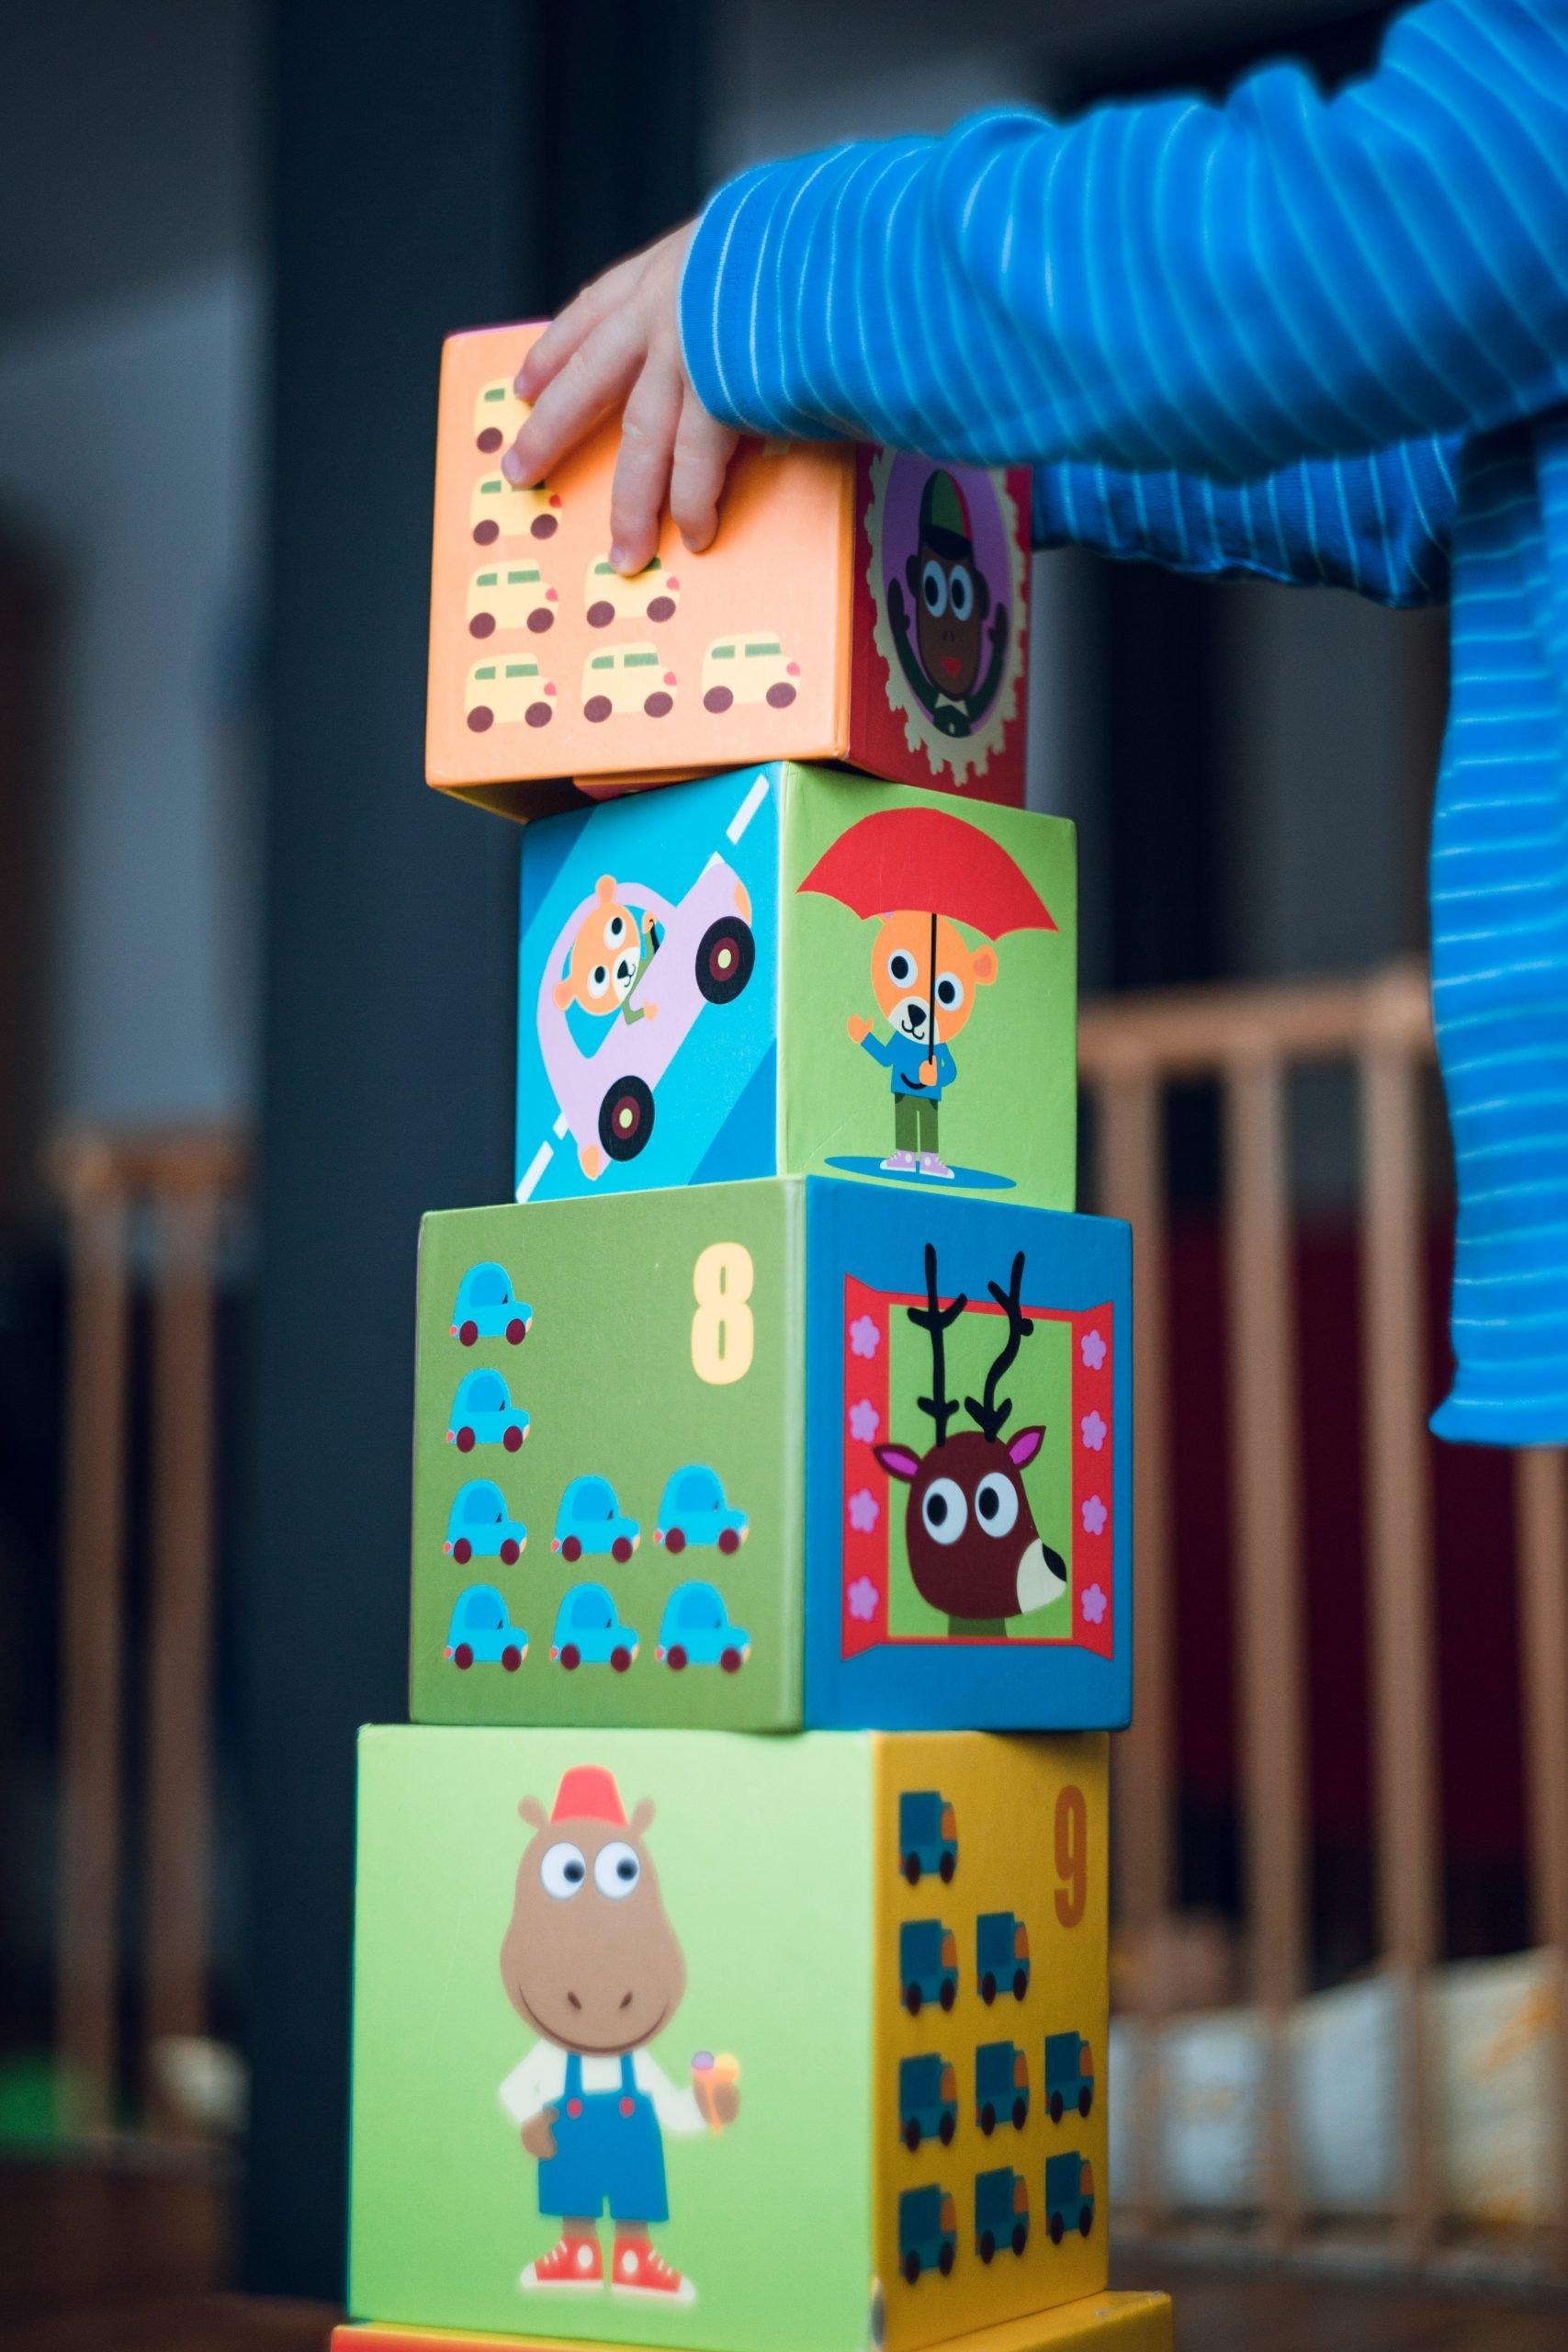 enfant jouant avec des cubes de jeux pédagogiques